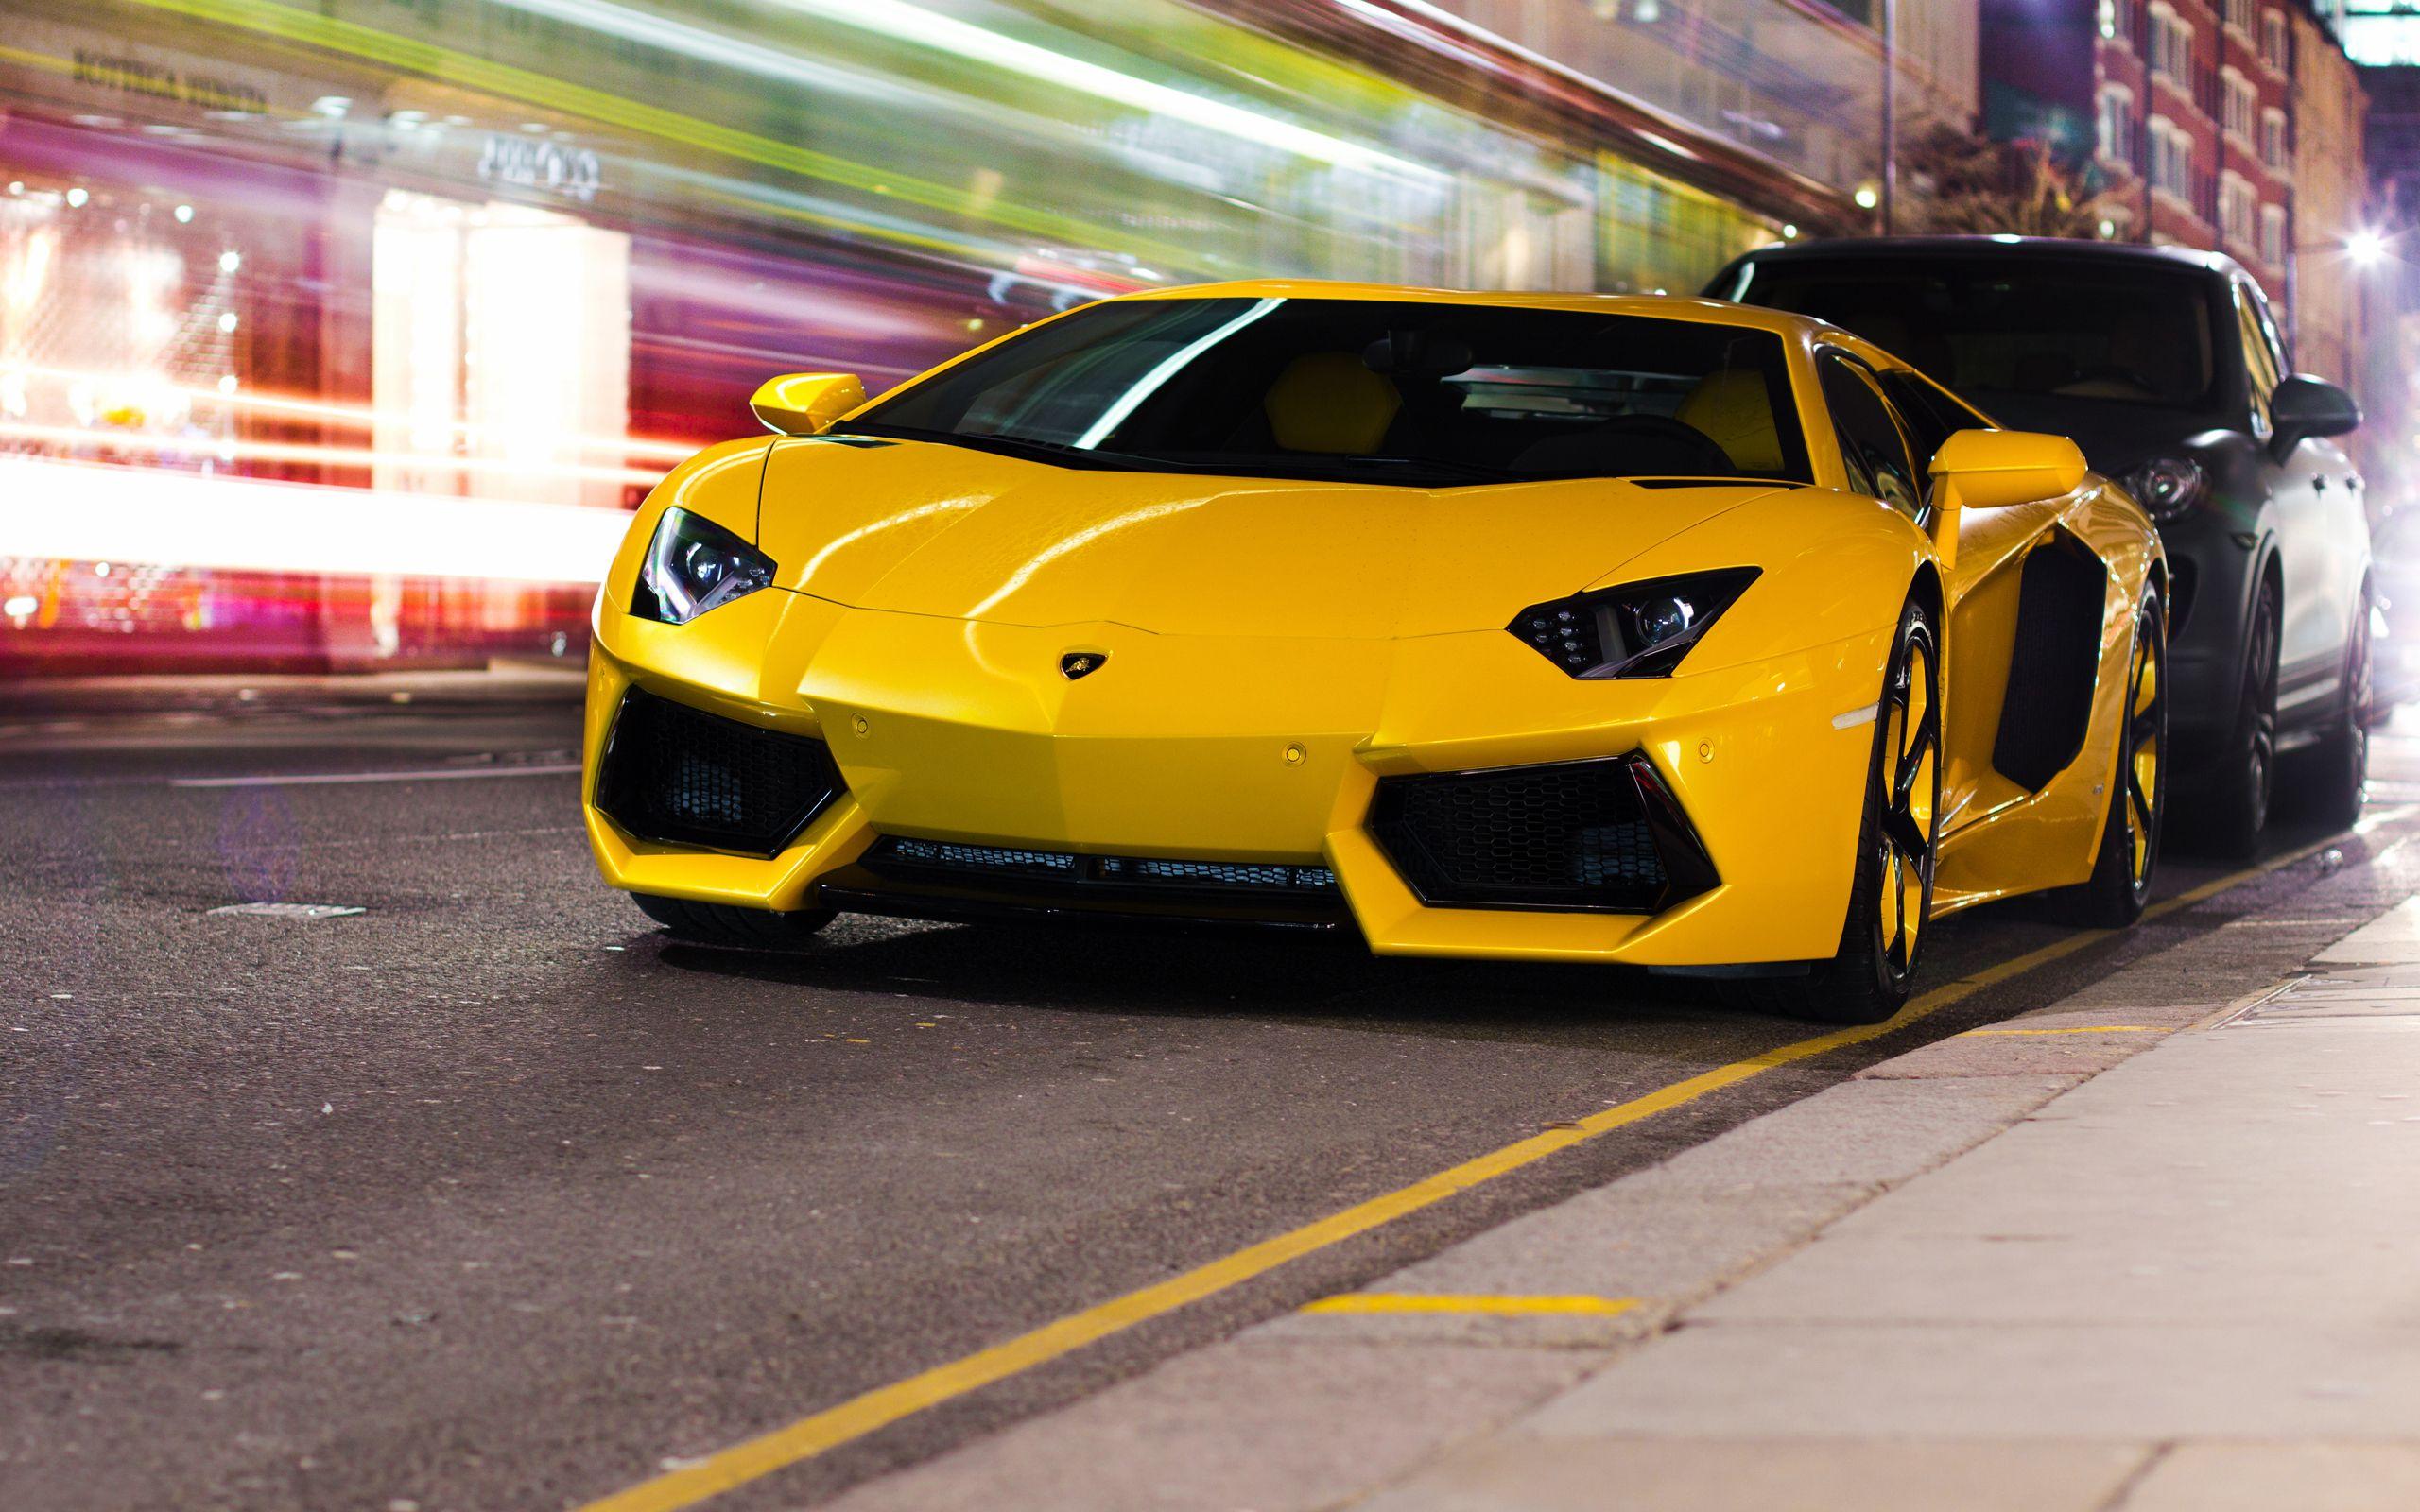 Lamborghini Aventador Yellow Lamborghini Reventon Lamborghini Lamborghini Aventador Lp700 4